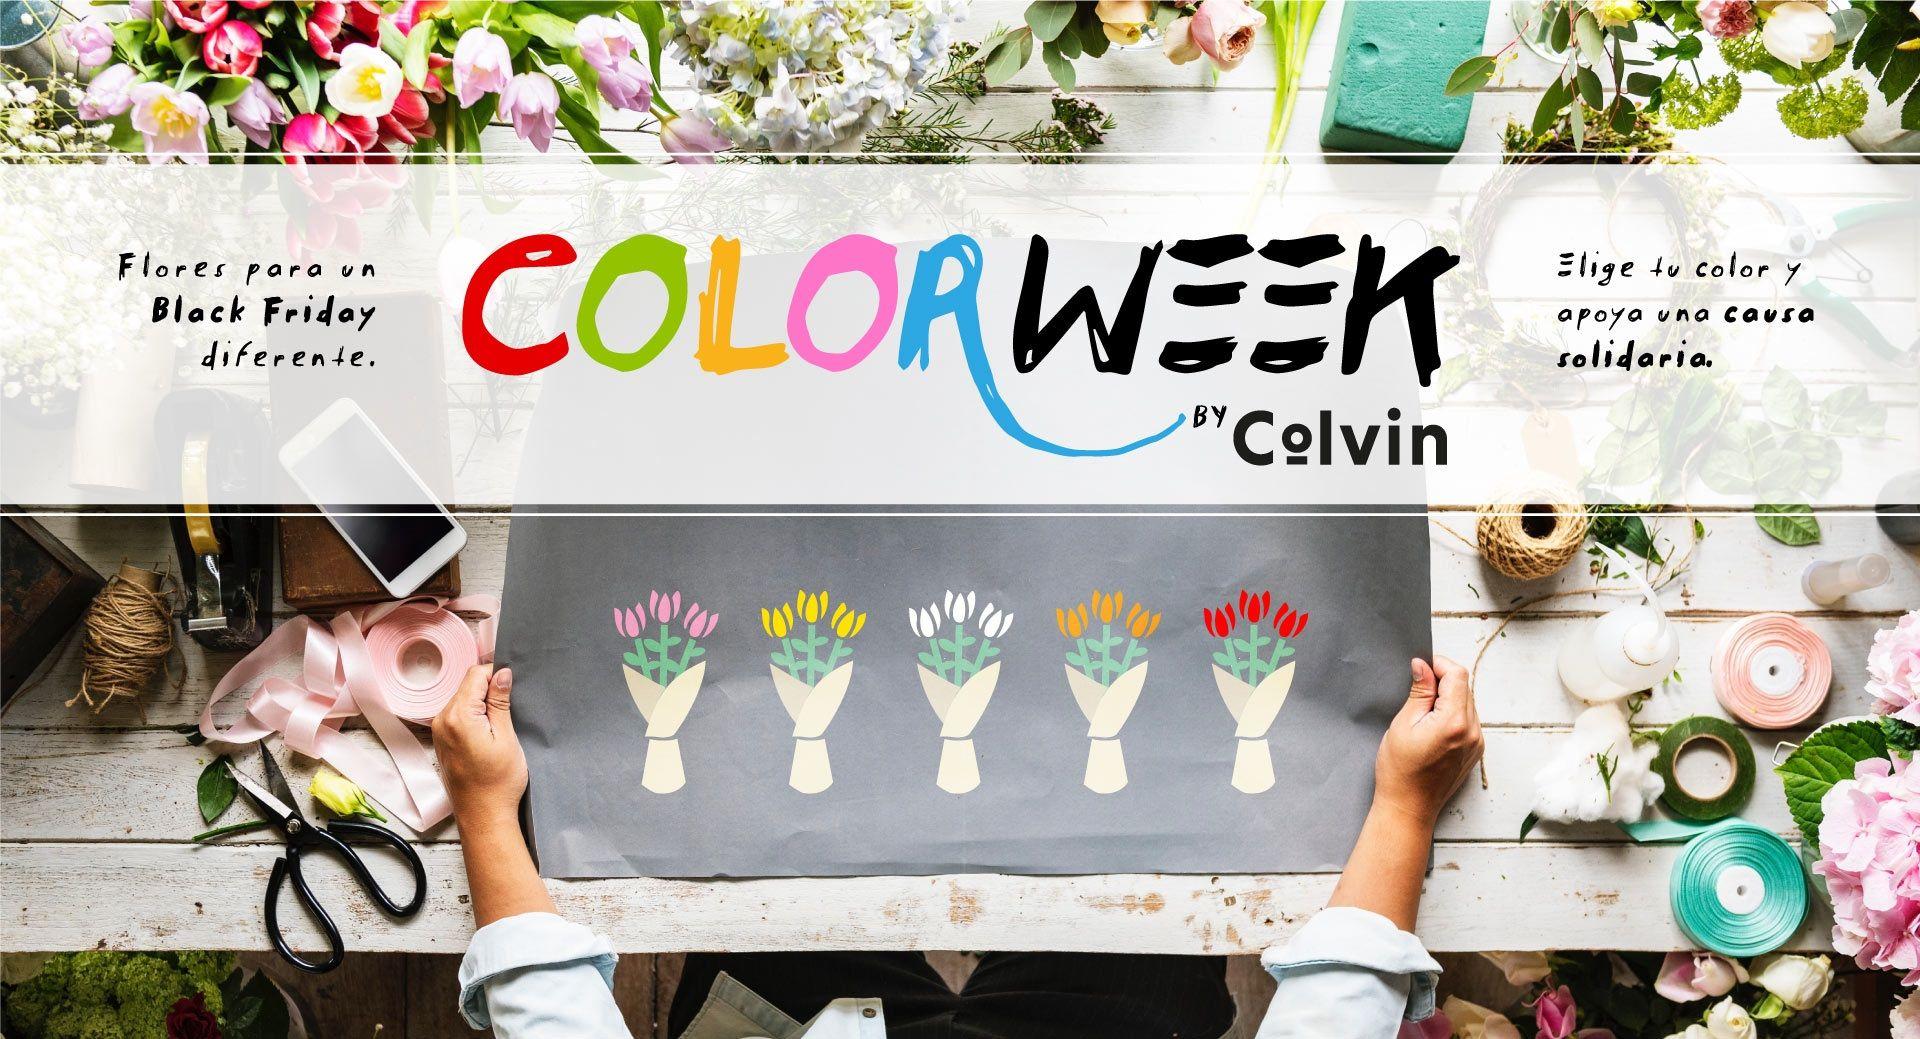 ColorWeek: flores para un Black Friday diferente